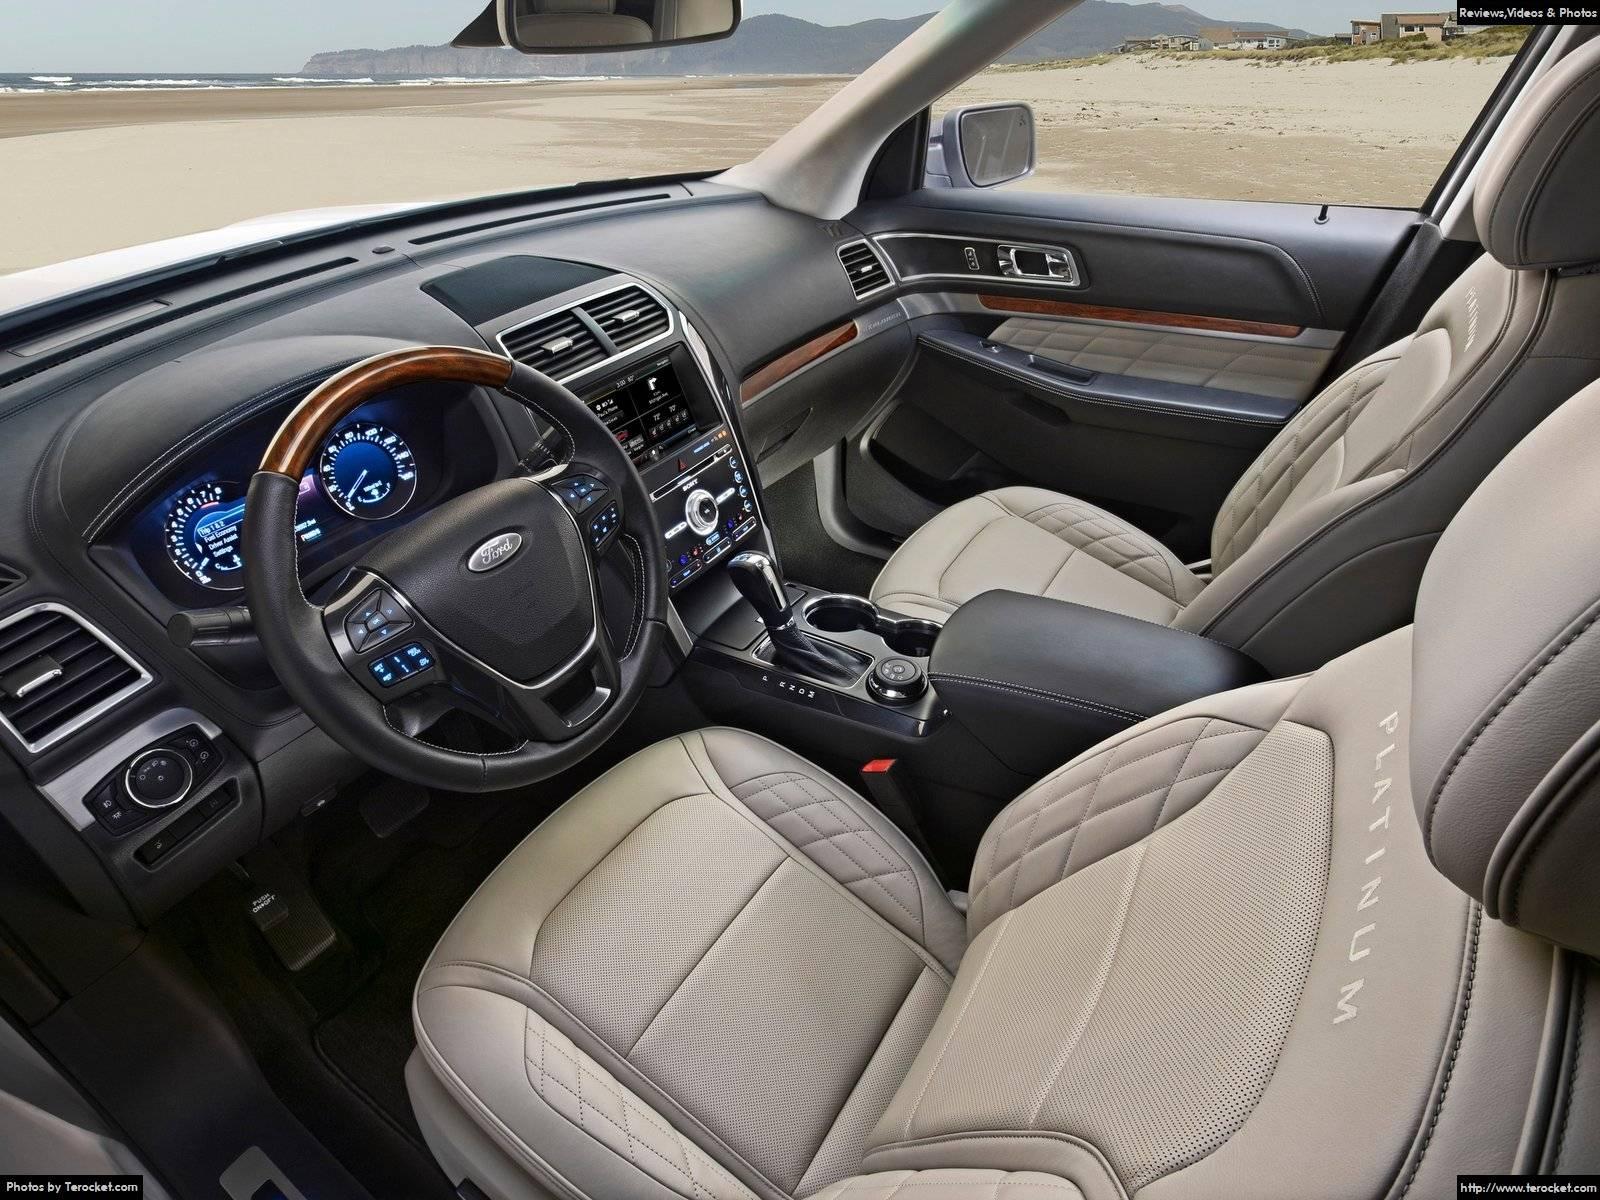 Xe được trang bị nhiều tính năng thông minh và nội thất rộng rãi